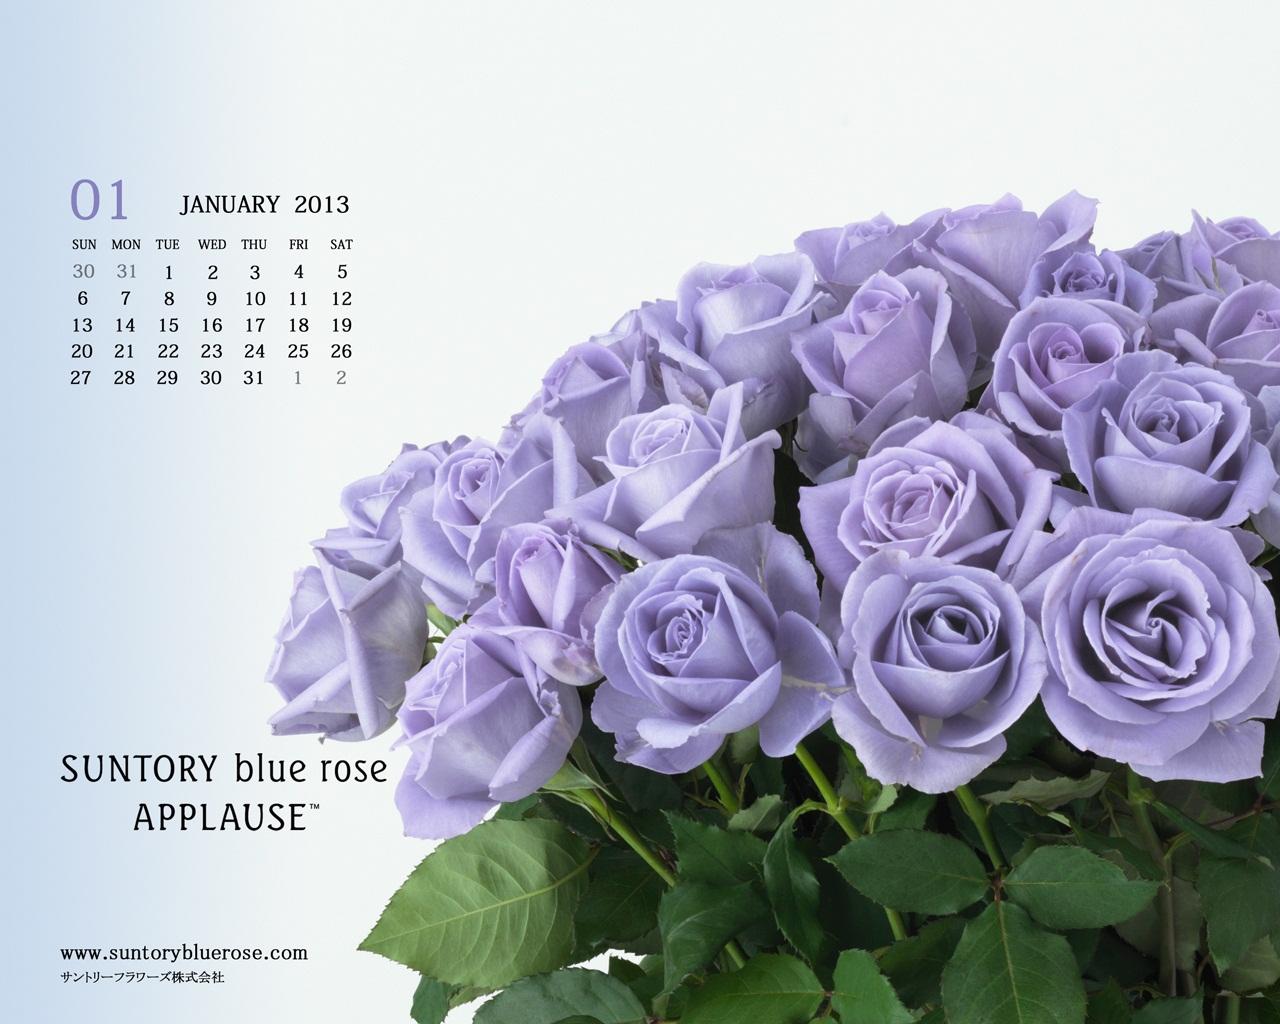 壁紙カレンダー1月 デジタルおまけ 花のある暮らし ガーデニング 園芸